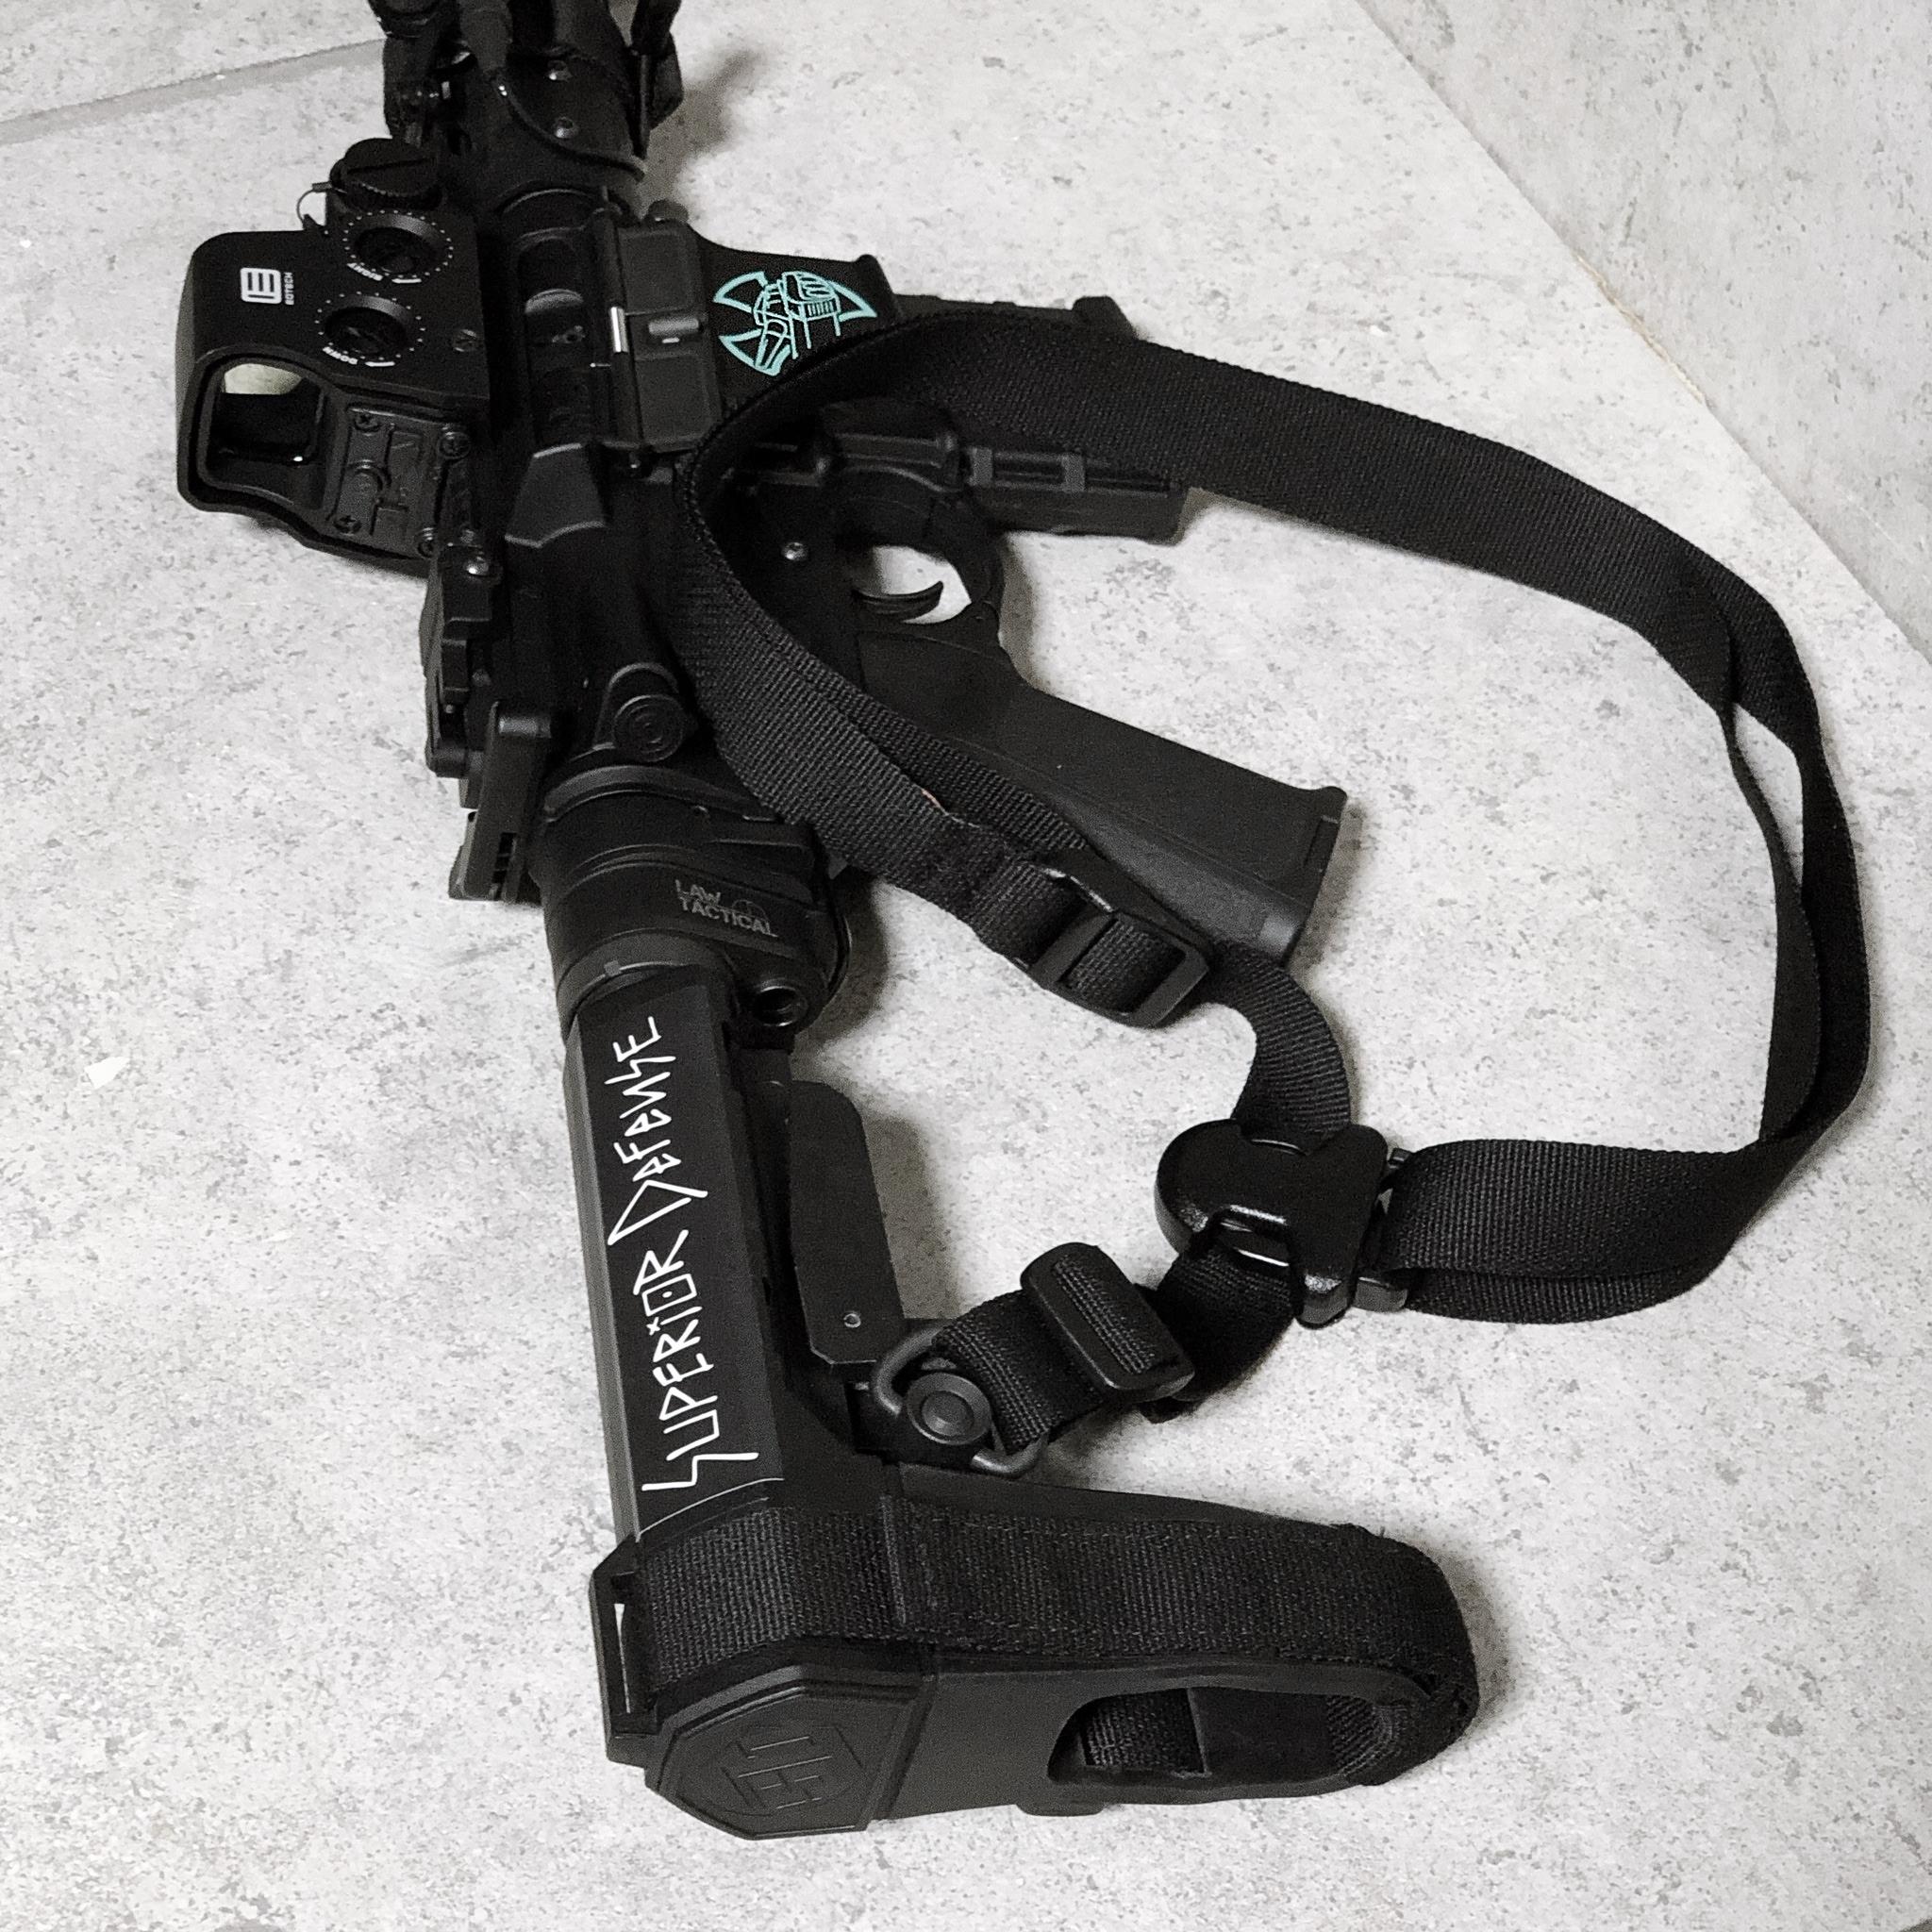 10 実物 LUNAR CONCEPTS BASELINE SINGLE POINT SLING & Impact Weapons Components SLING MOUNT QD D-RING!! シングルポイントスリング!!